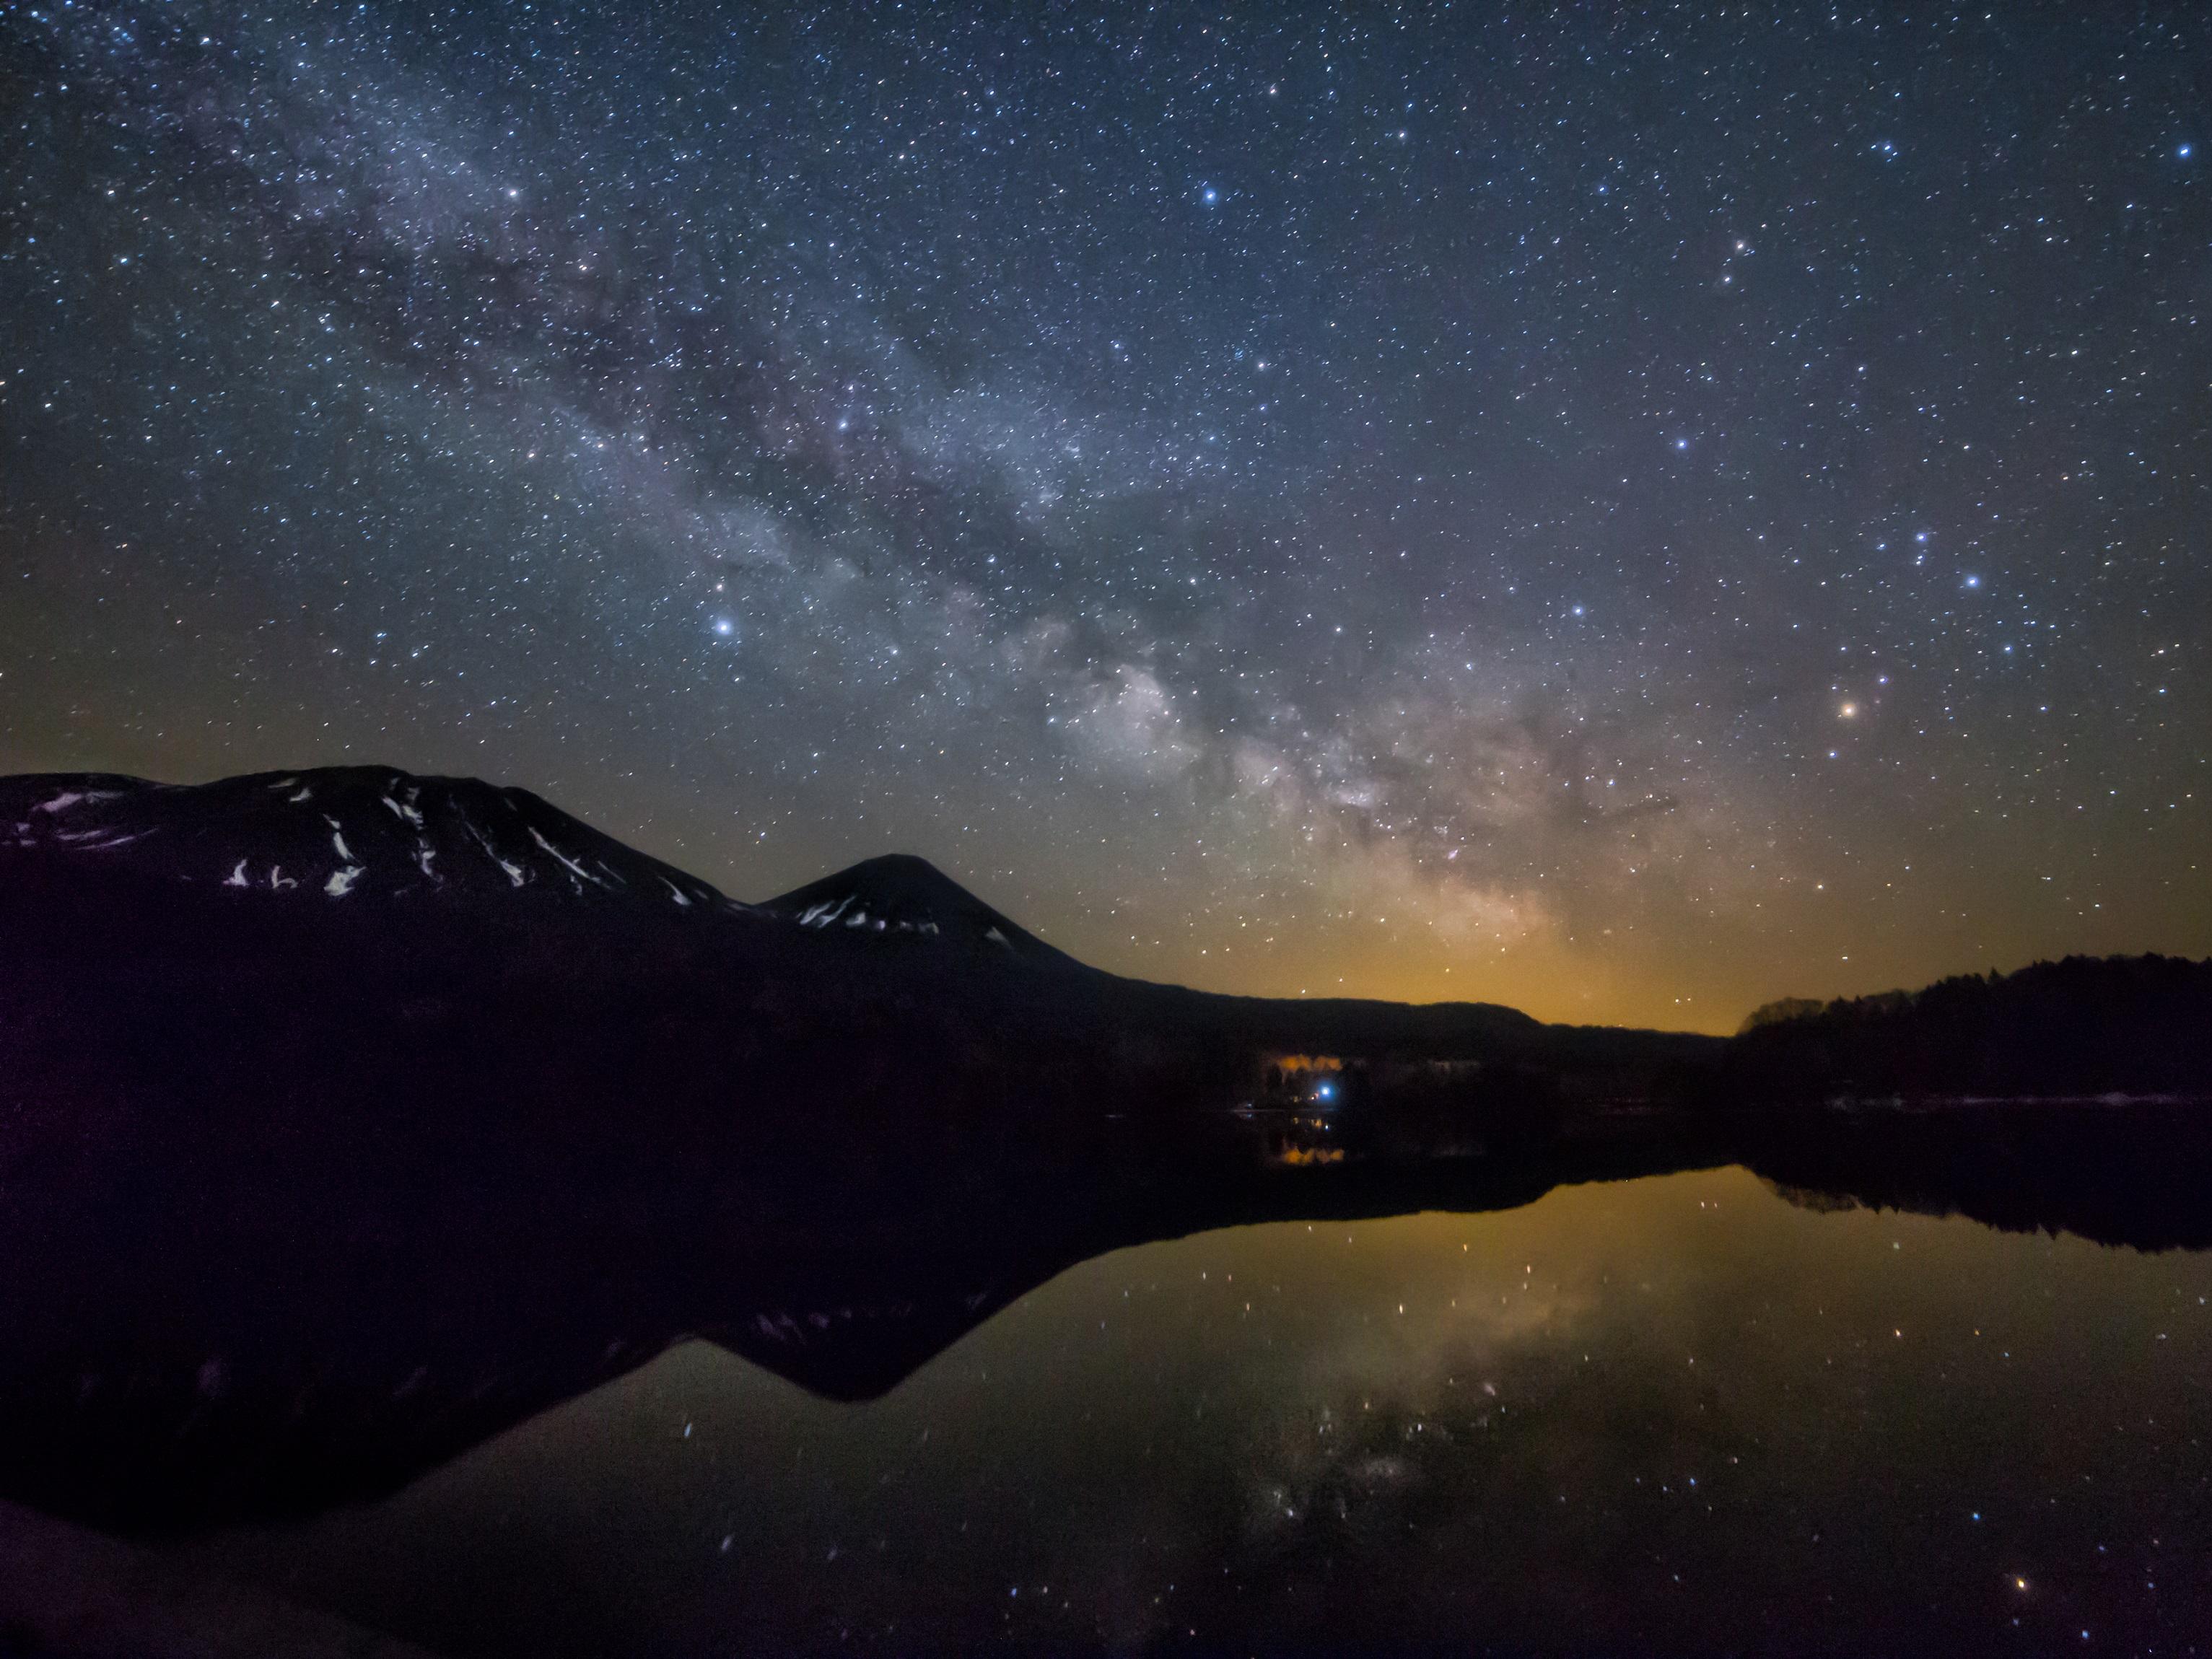 晴れた夜には満天の星空ショーが繰り広げられる。